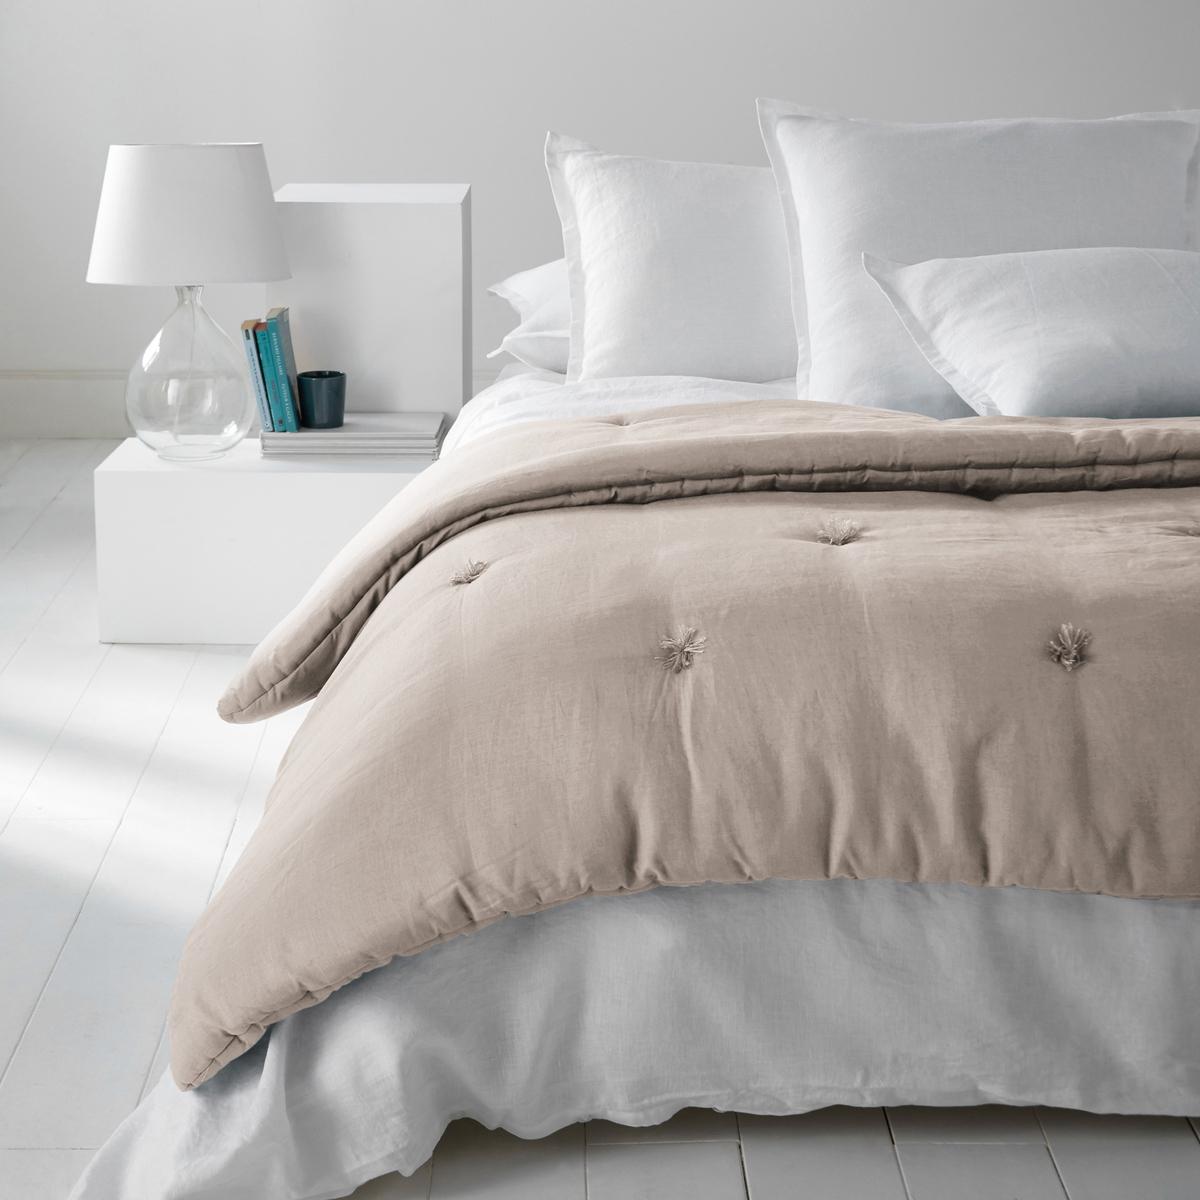 Одеяло из стиранного льна, AbellaОдеяло из 100% льна Abella, Качество уровня Qualit? Best. Чудесное блаженство проскользнуть под это одеяло Abella с очень приятным, легким и дышащим наполнителем.Характеристики одеяла изо льна, Abella :Верх из 100% льна.  Наполнитель из 100% полиэстера (400 г/м?)Стирка при 30°.100% лен : Натуральный, элегантный и аутентичный материал, с легким жатым эффектом. Мягкий струящийся материал - легкий летом и теплый зимой - становится еще мягче и красивее со временем.Другие наши изделия из льна ищите на сайте laredoute.ruРазмер на выбор :90 x 150 см90 x 190 см150 x 150 см<br><br>Цвет: белый,бледный сине-зеленый,розовая пудра,серо-бежевый,сине-зеленый,фиолетовый<br>Размер: 150 x 150  см.90 x 190  см